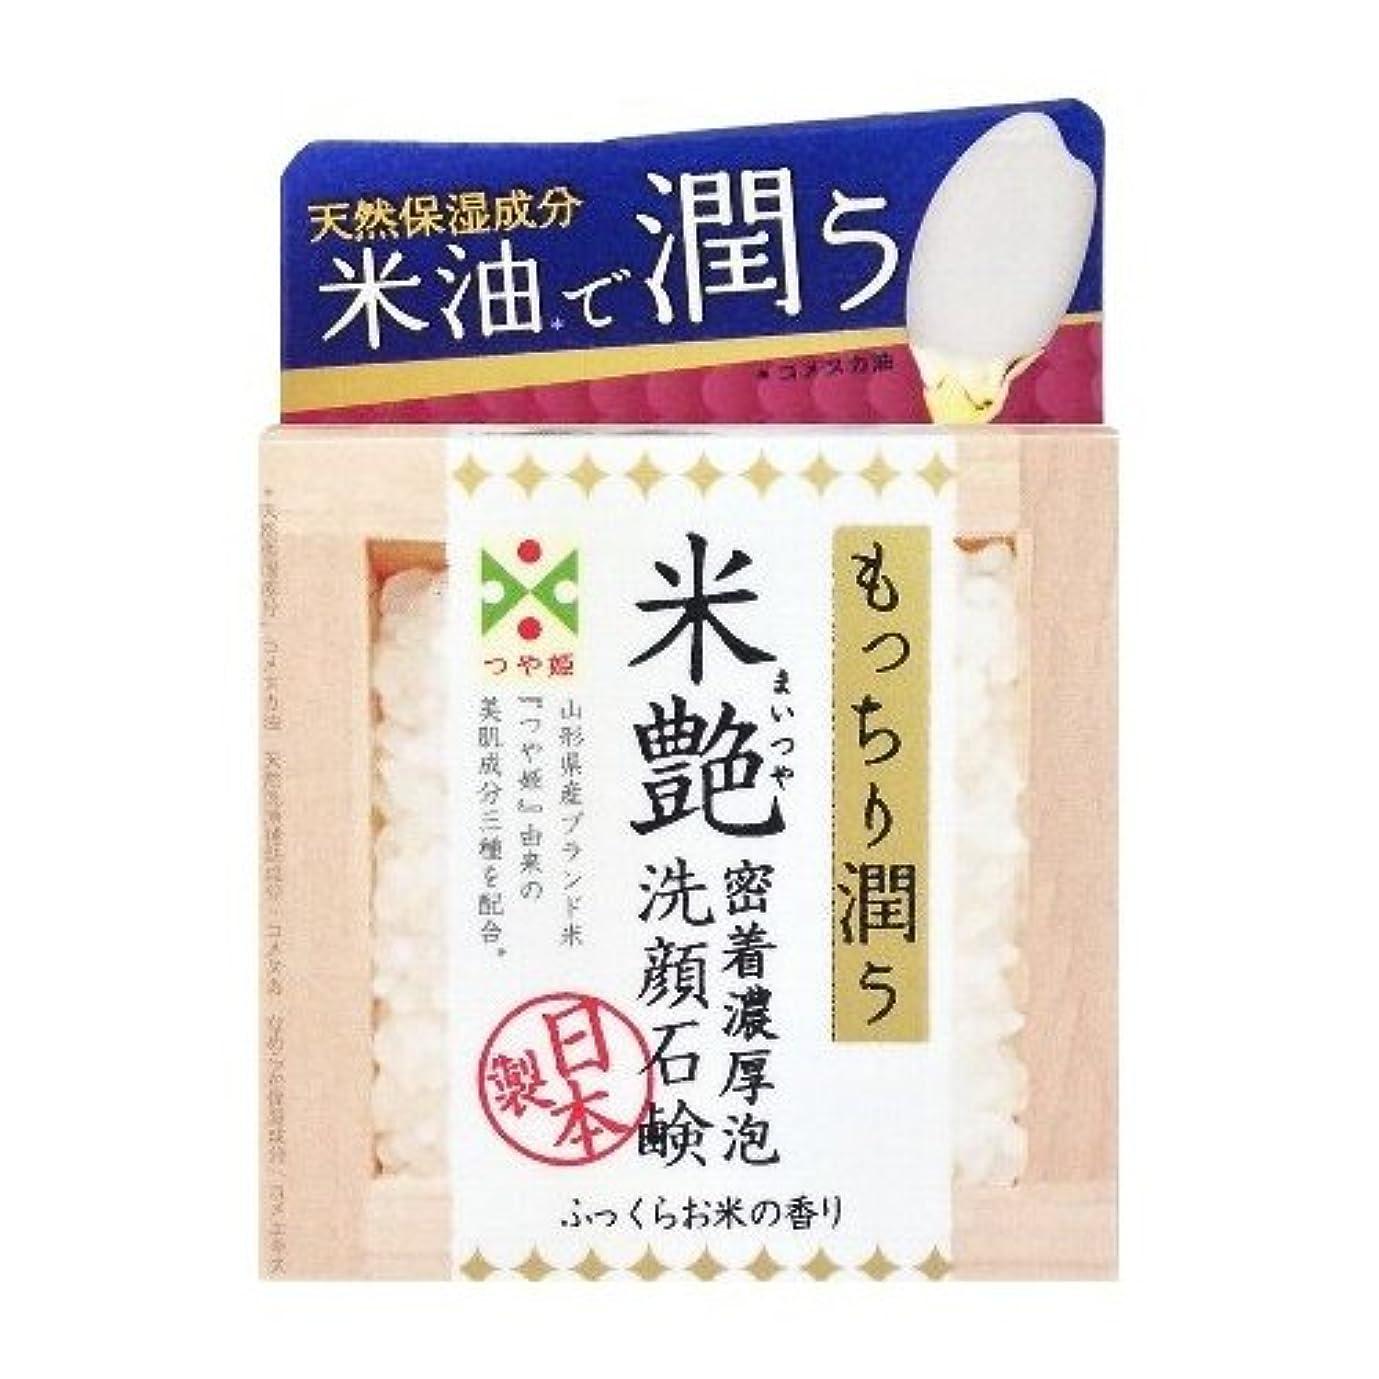 巡礼者カスケード副詞ペリカン石鹸 米艶洗顔石鹸 100g